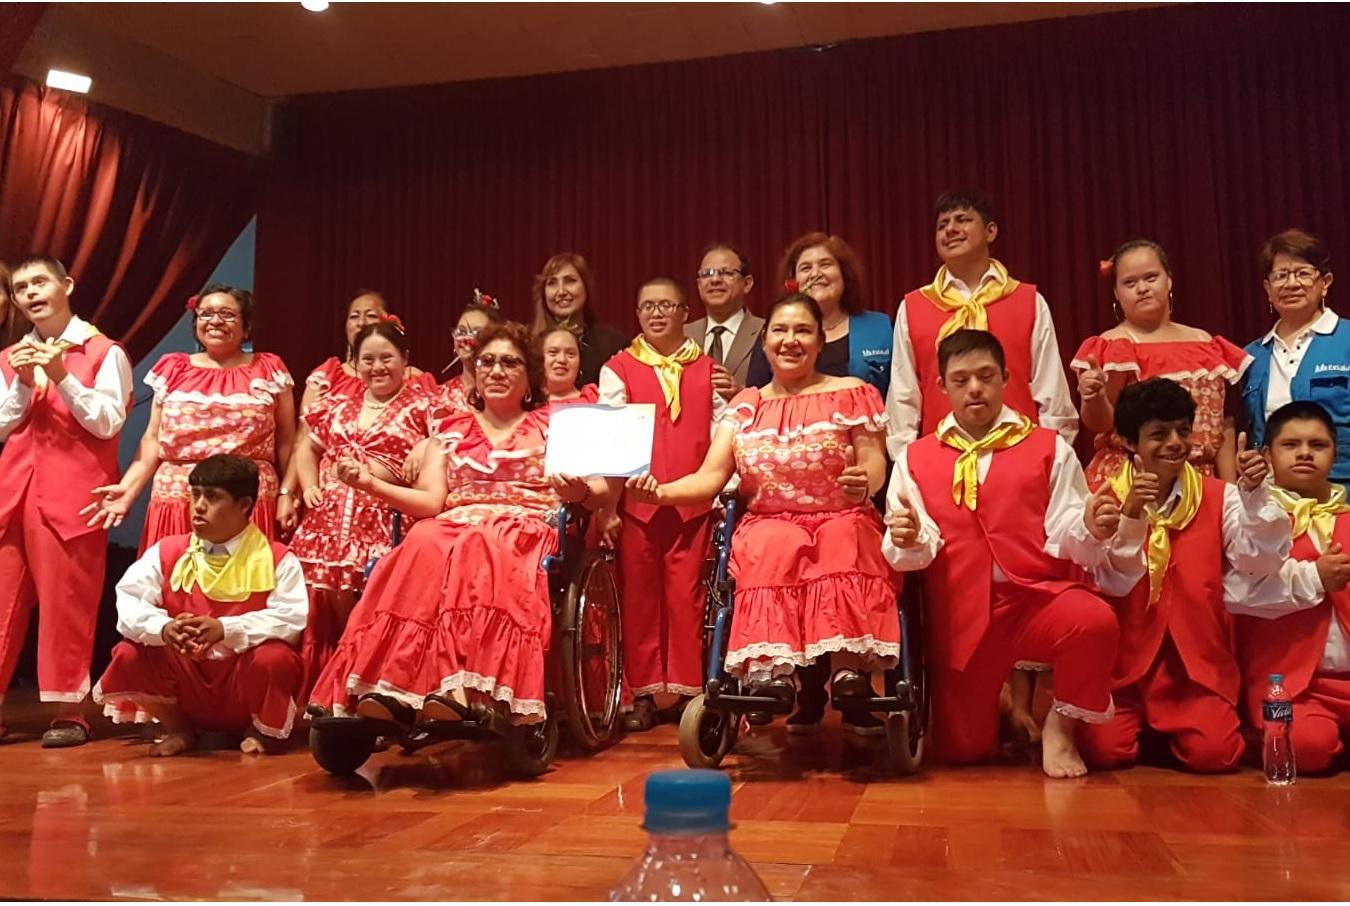 Essalud - Módulo Básico de Rehabilitación Profesional y Social de EsSalud La Libertad es premiado